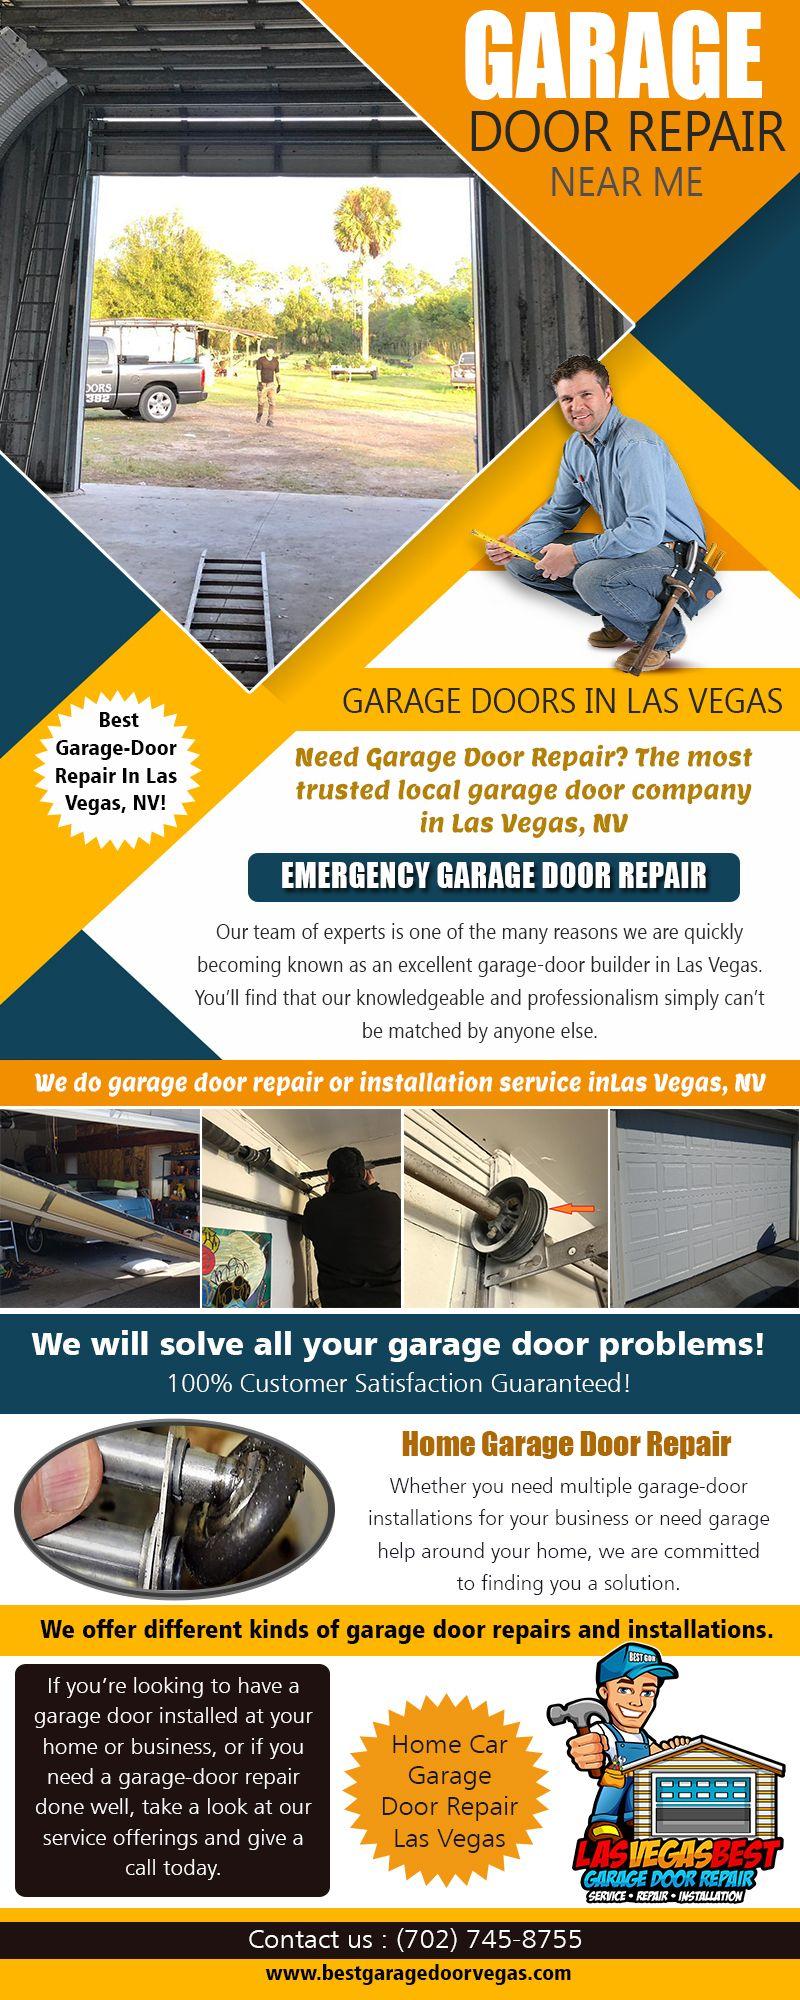 Home Garage Door Repair Service From Certified Technicians At Https Bestgaragedoorvegas Com Garage Door Repair Garage Door Repair Garage Door Repair Service